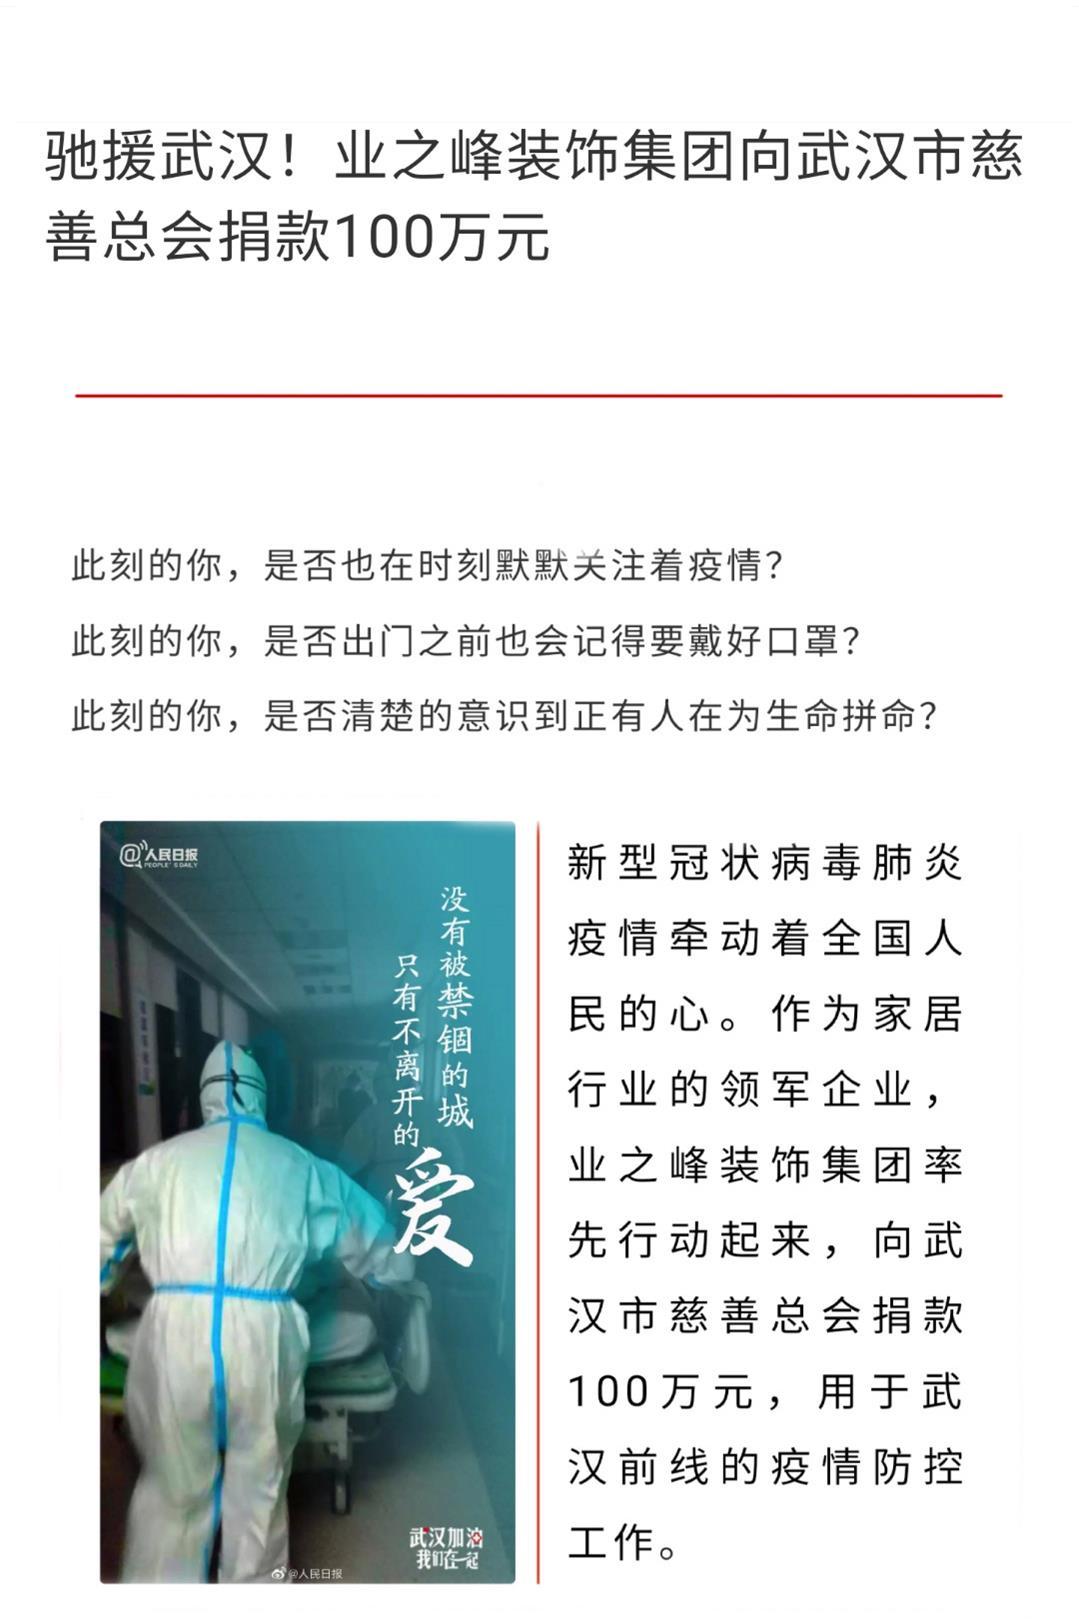 新万博manbetx下载万博maxbet官网下载活动武汉加油